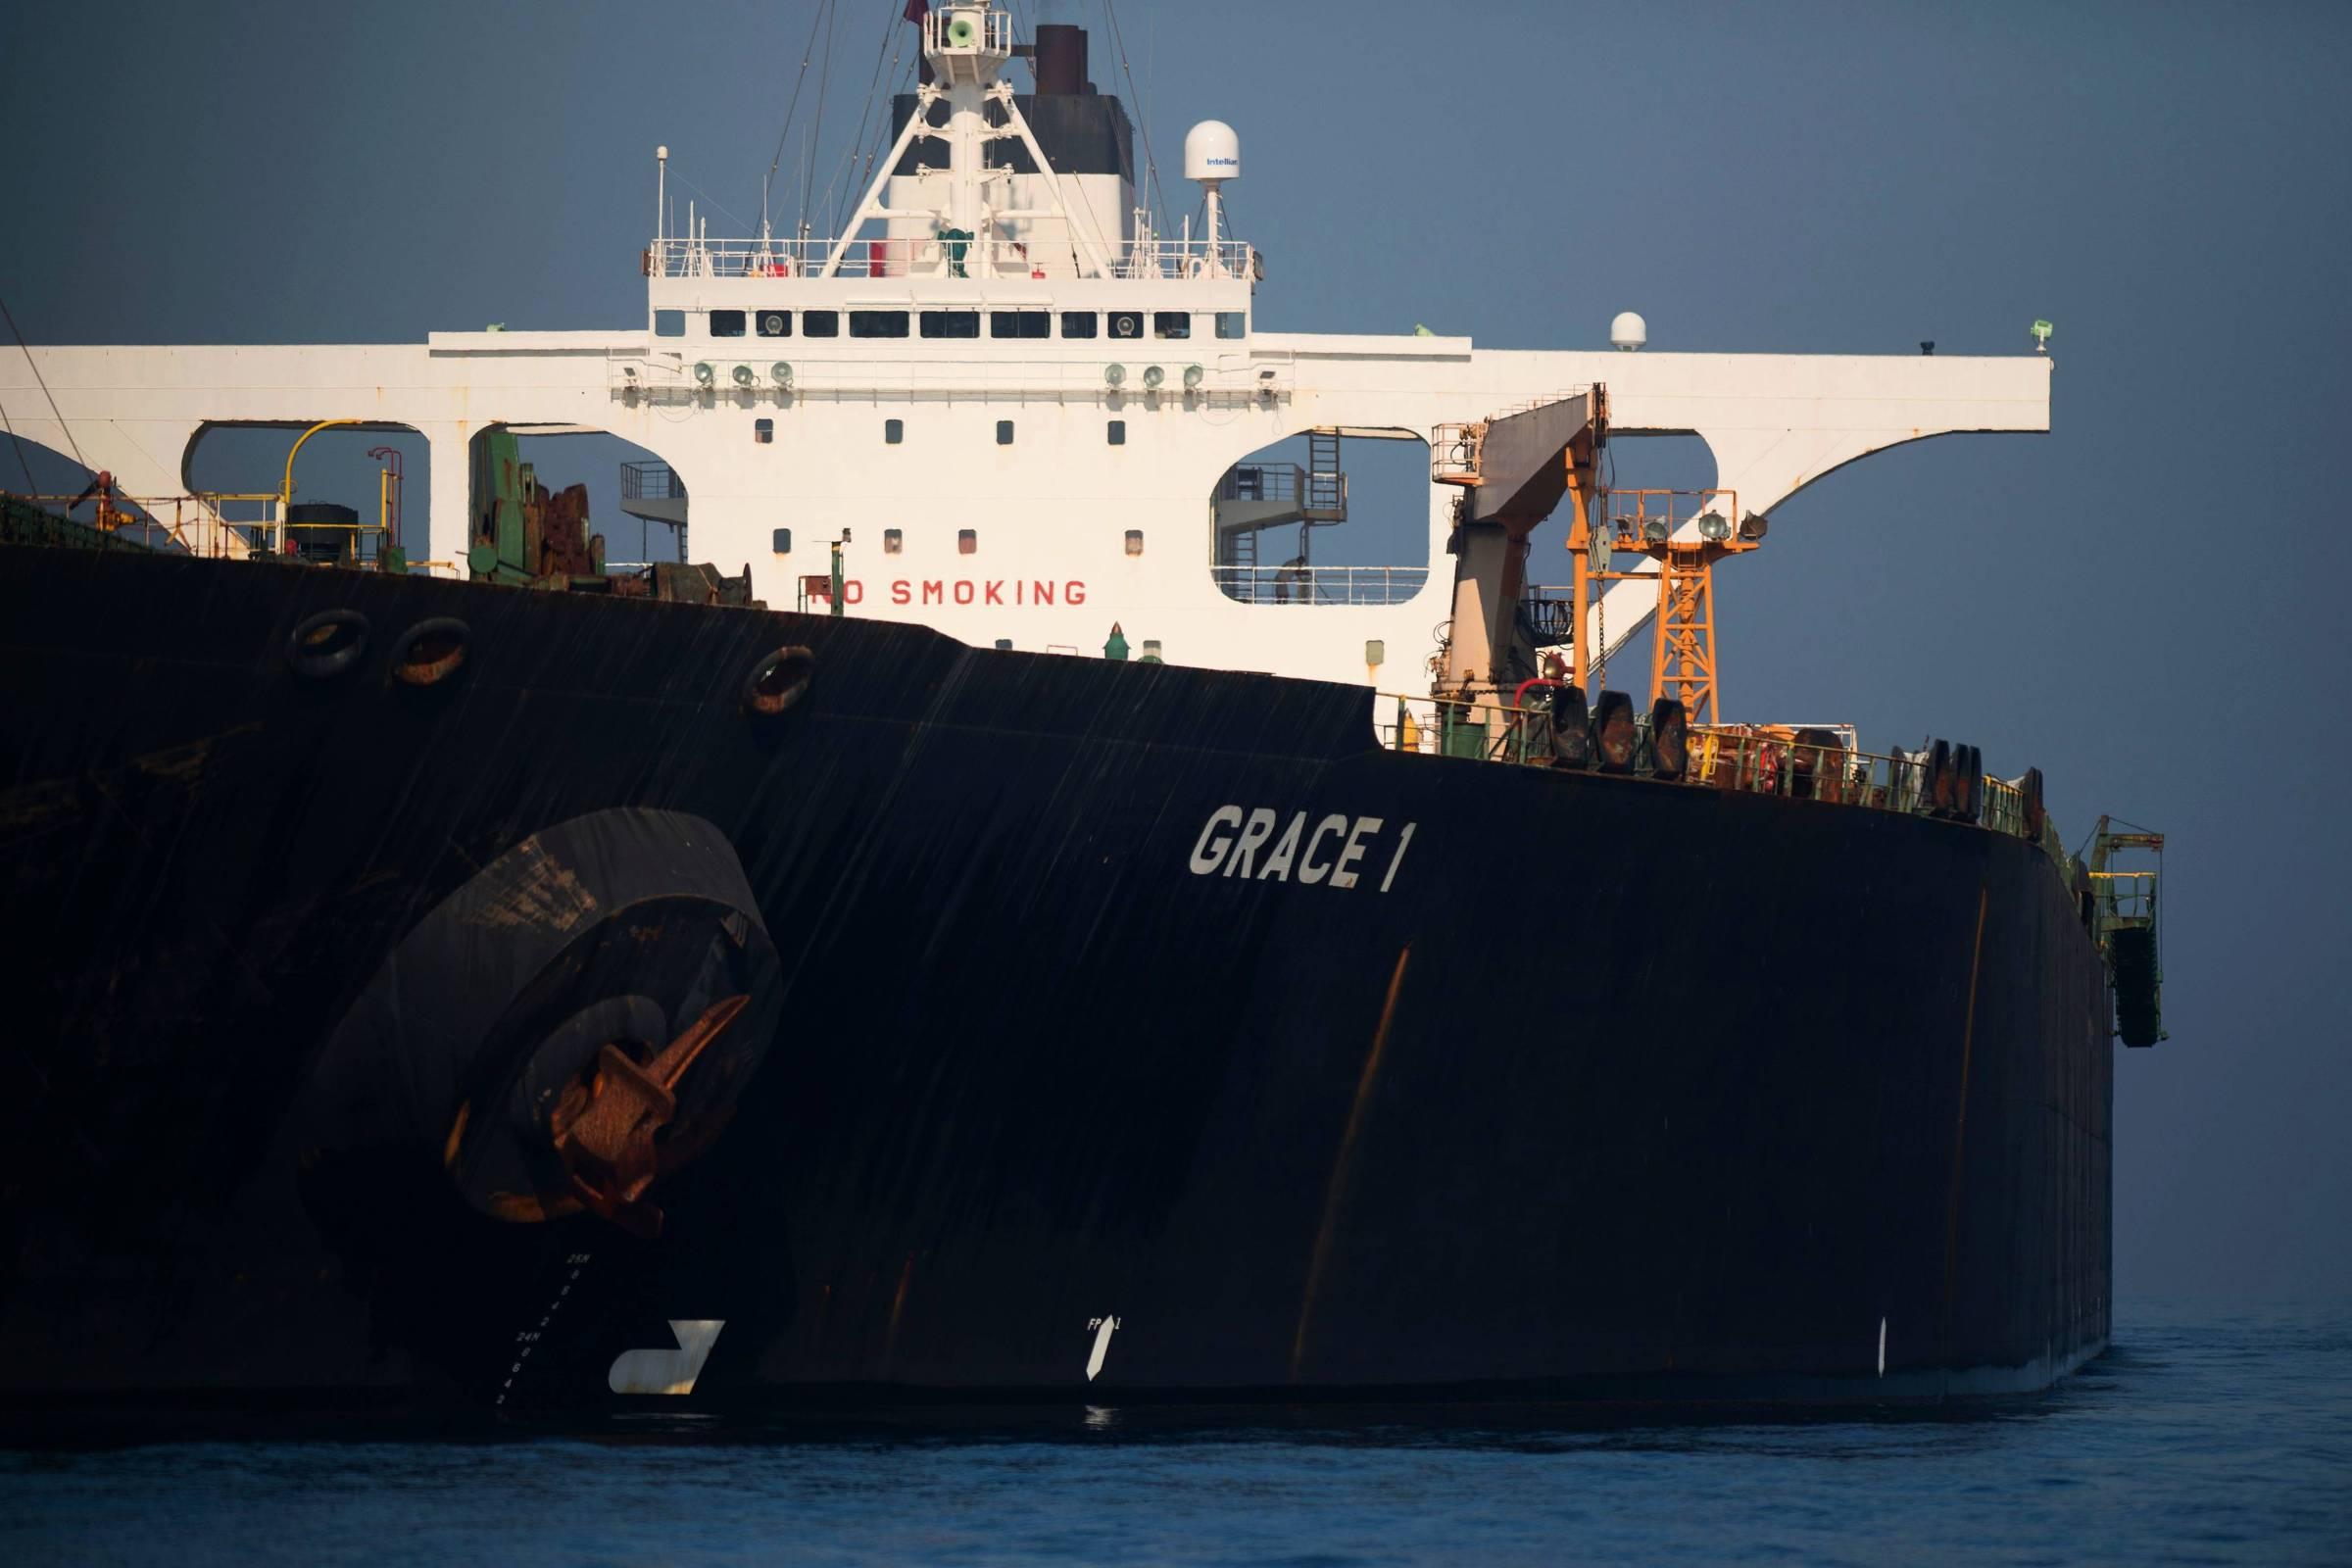 Sob tensão com os Estados Unidos, os petroleiros iranianos chegam à Venezuela - 23 de maio de 2020. - No mundo